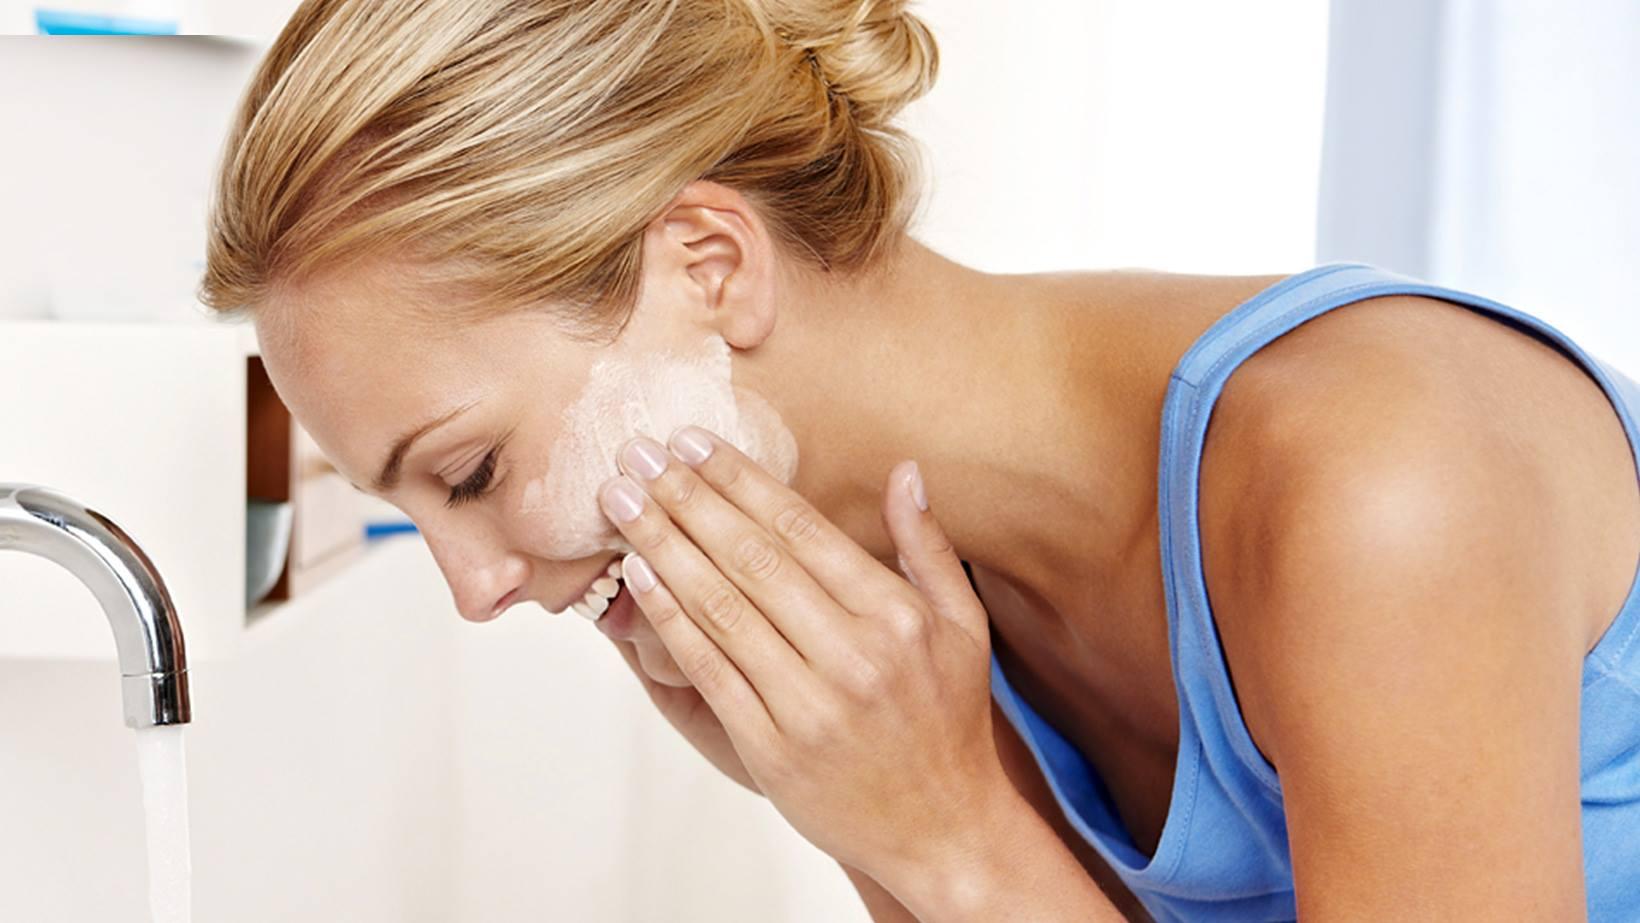 13 життєвих помилок роблять шкіру сухою